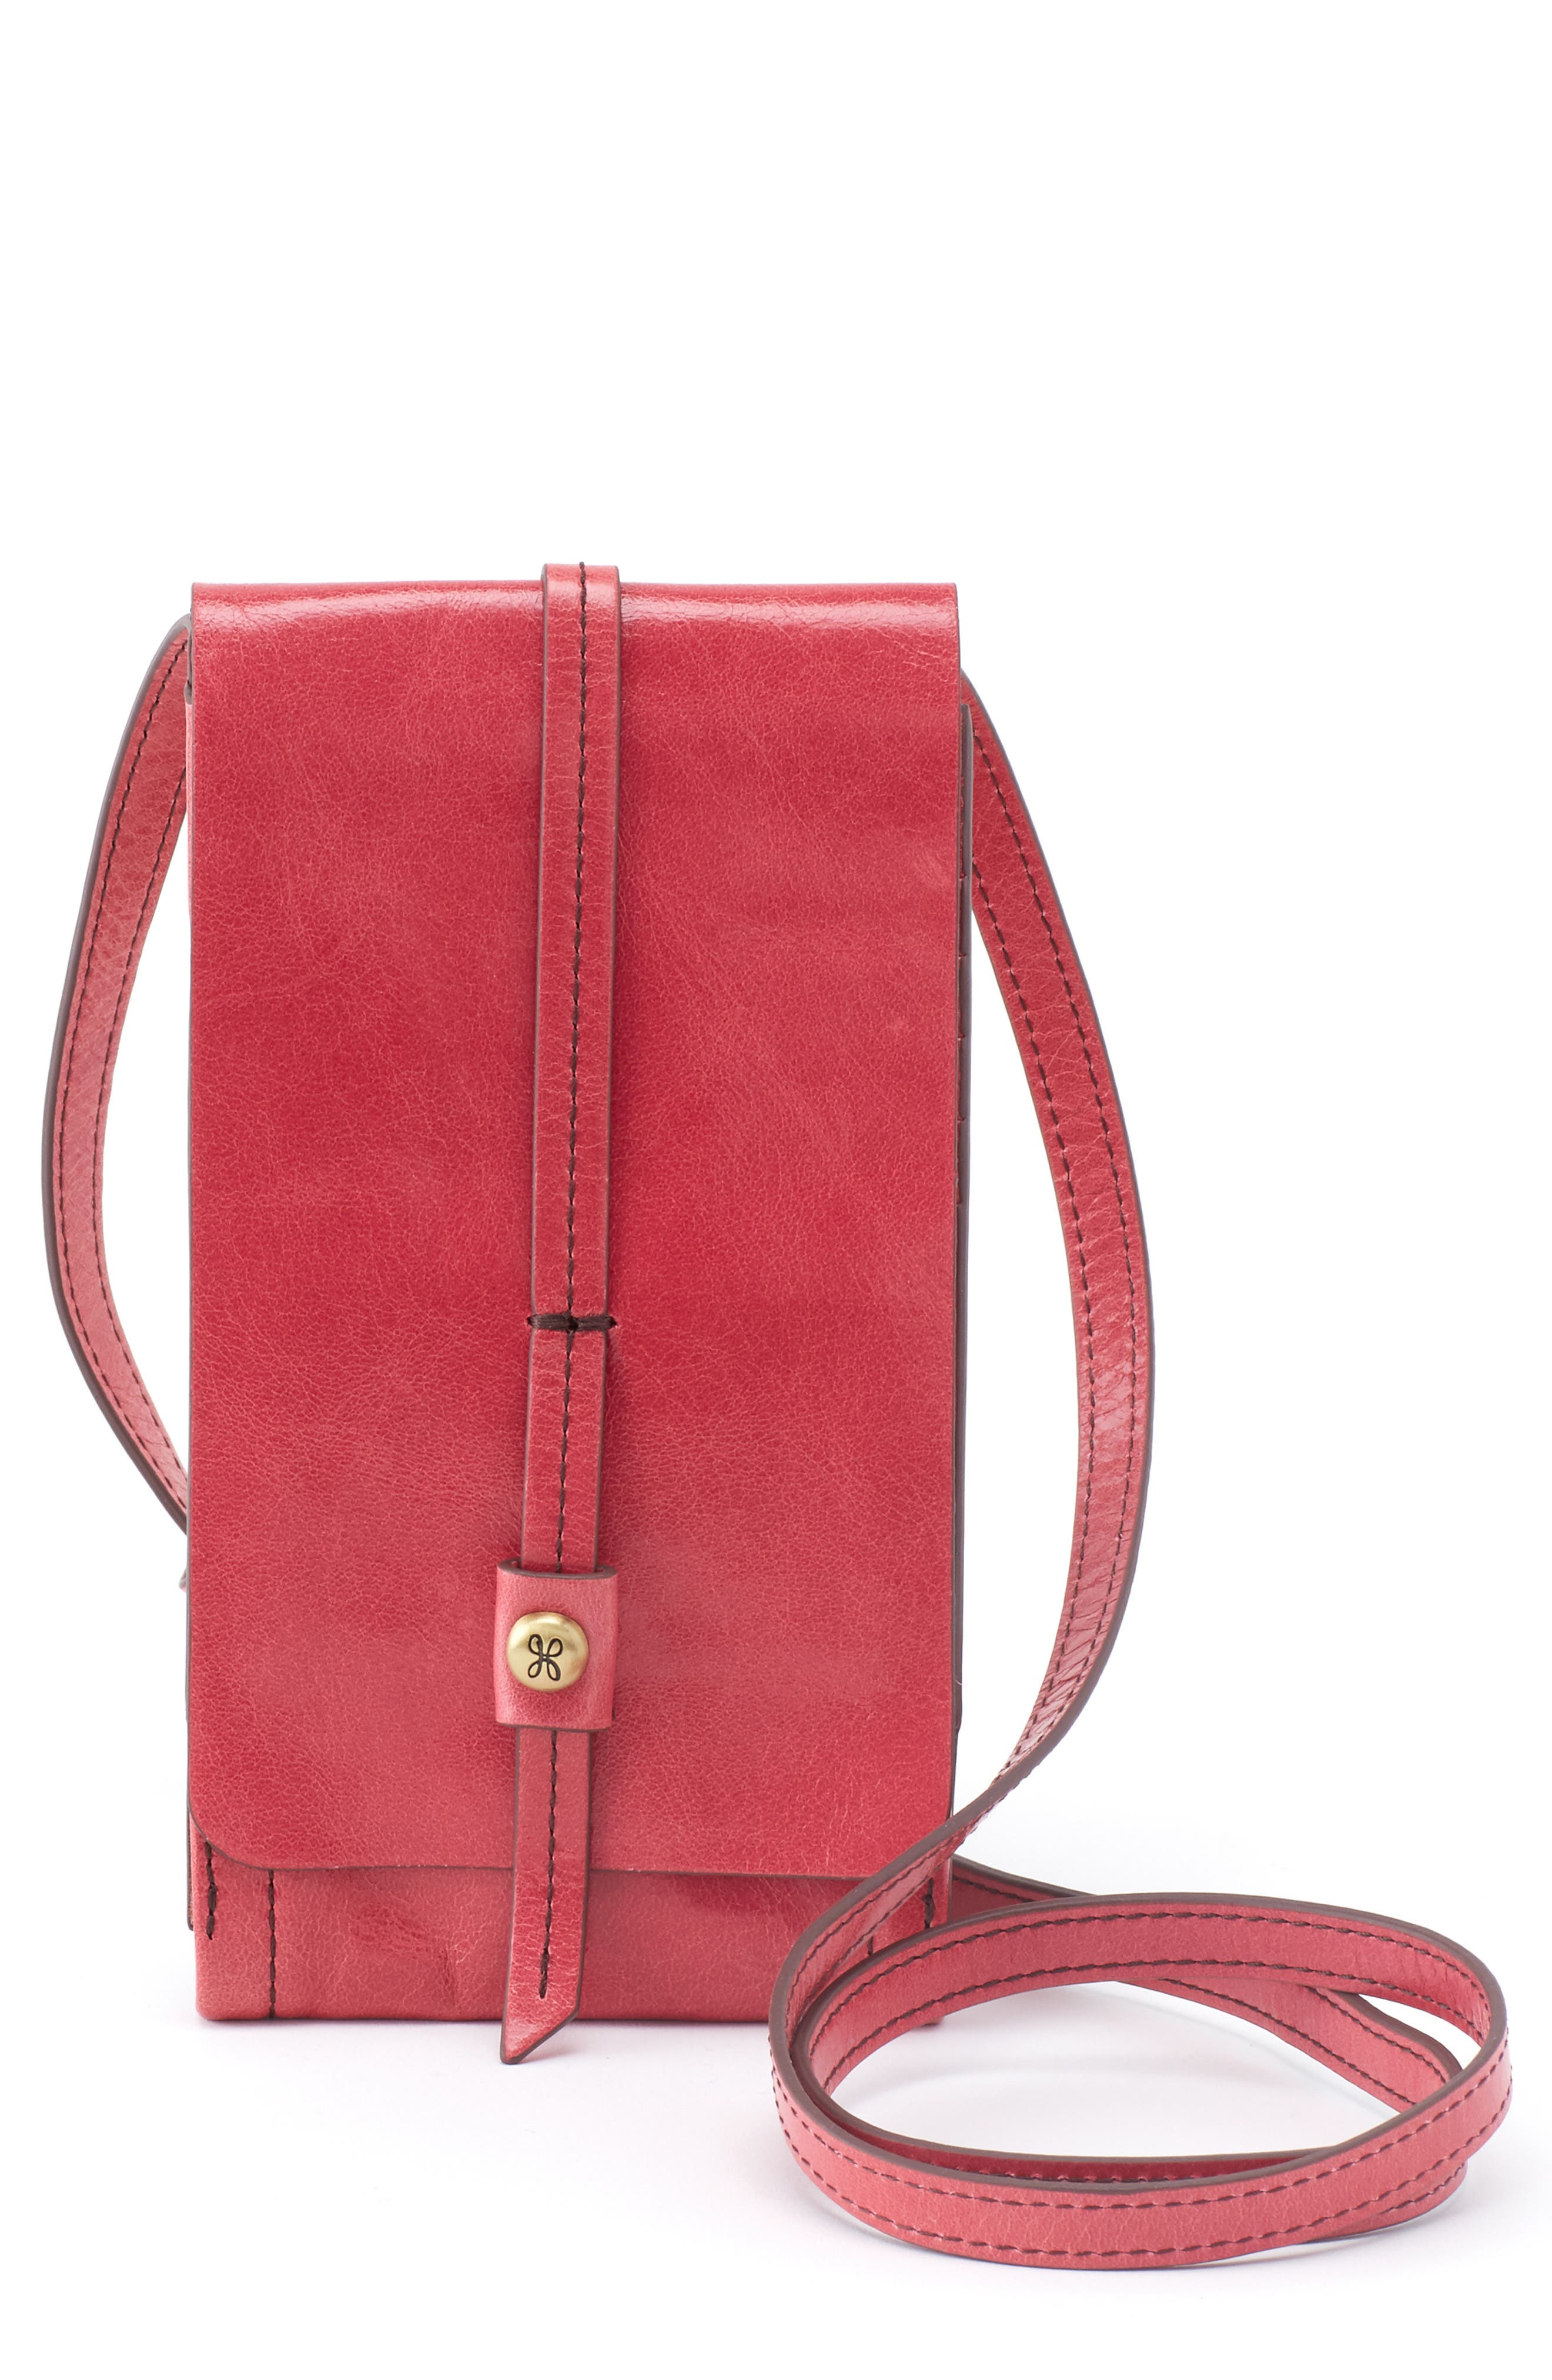 Hobo Token Leather Crossbody Bag